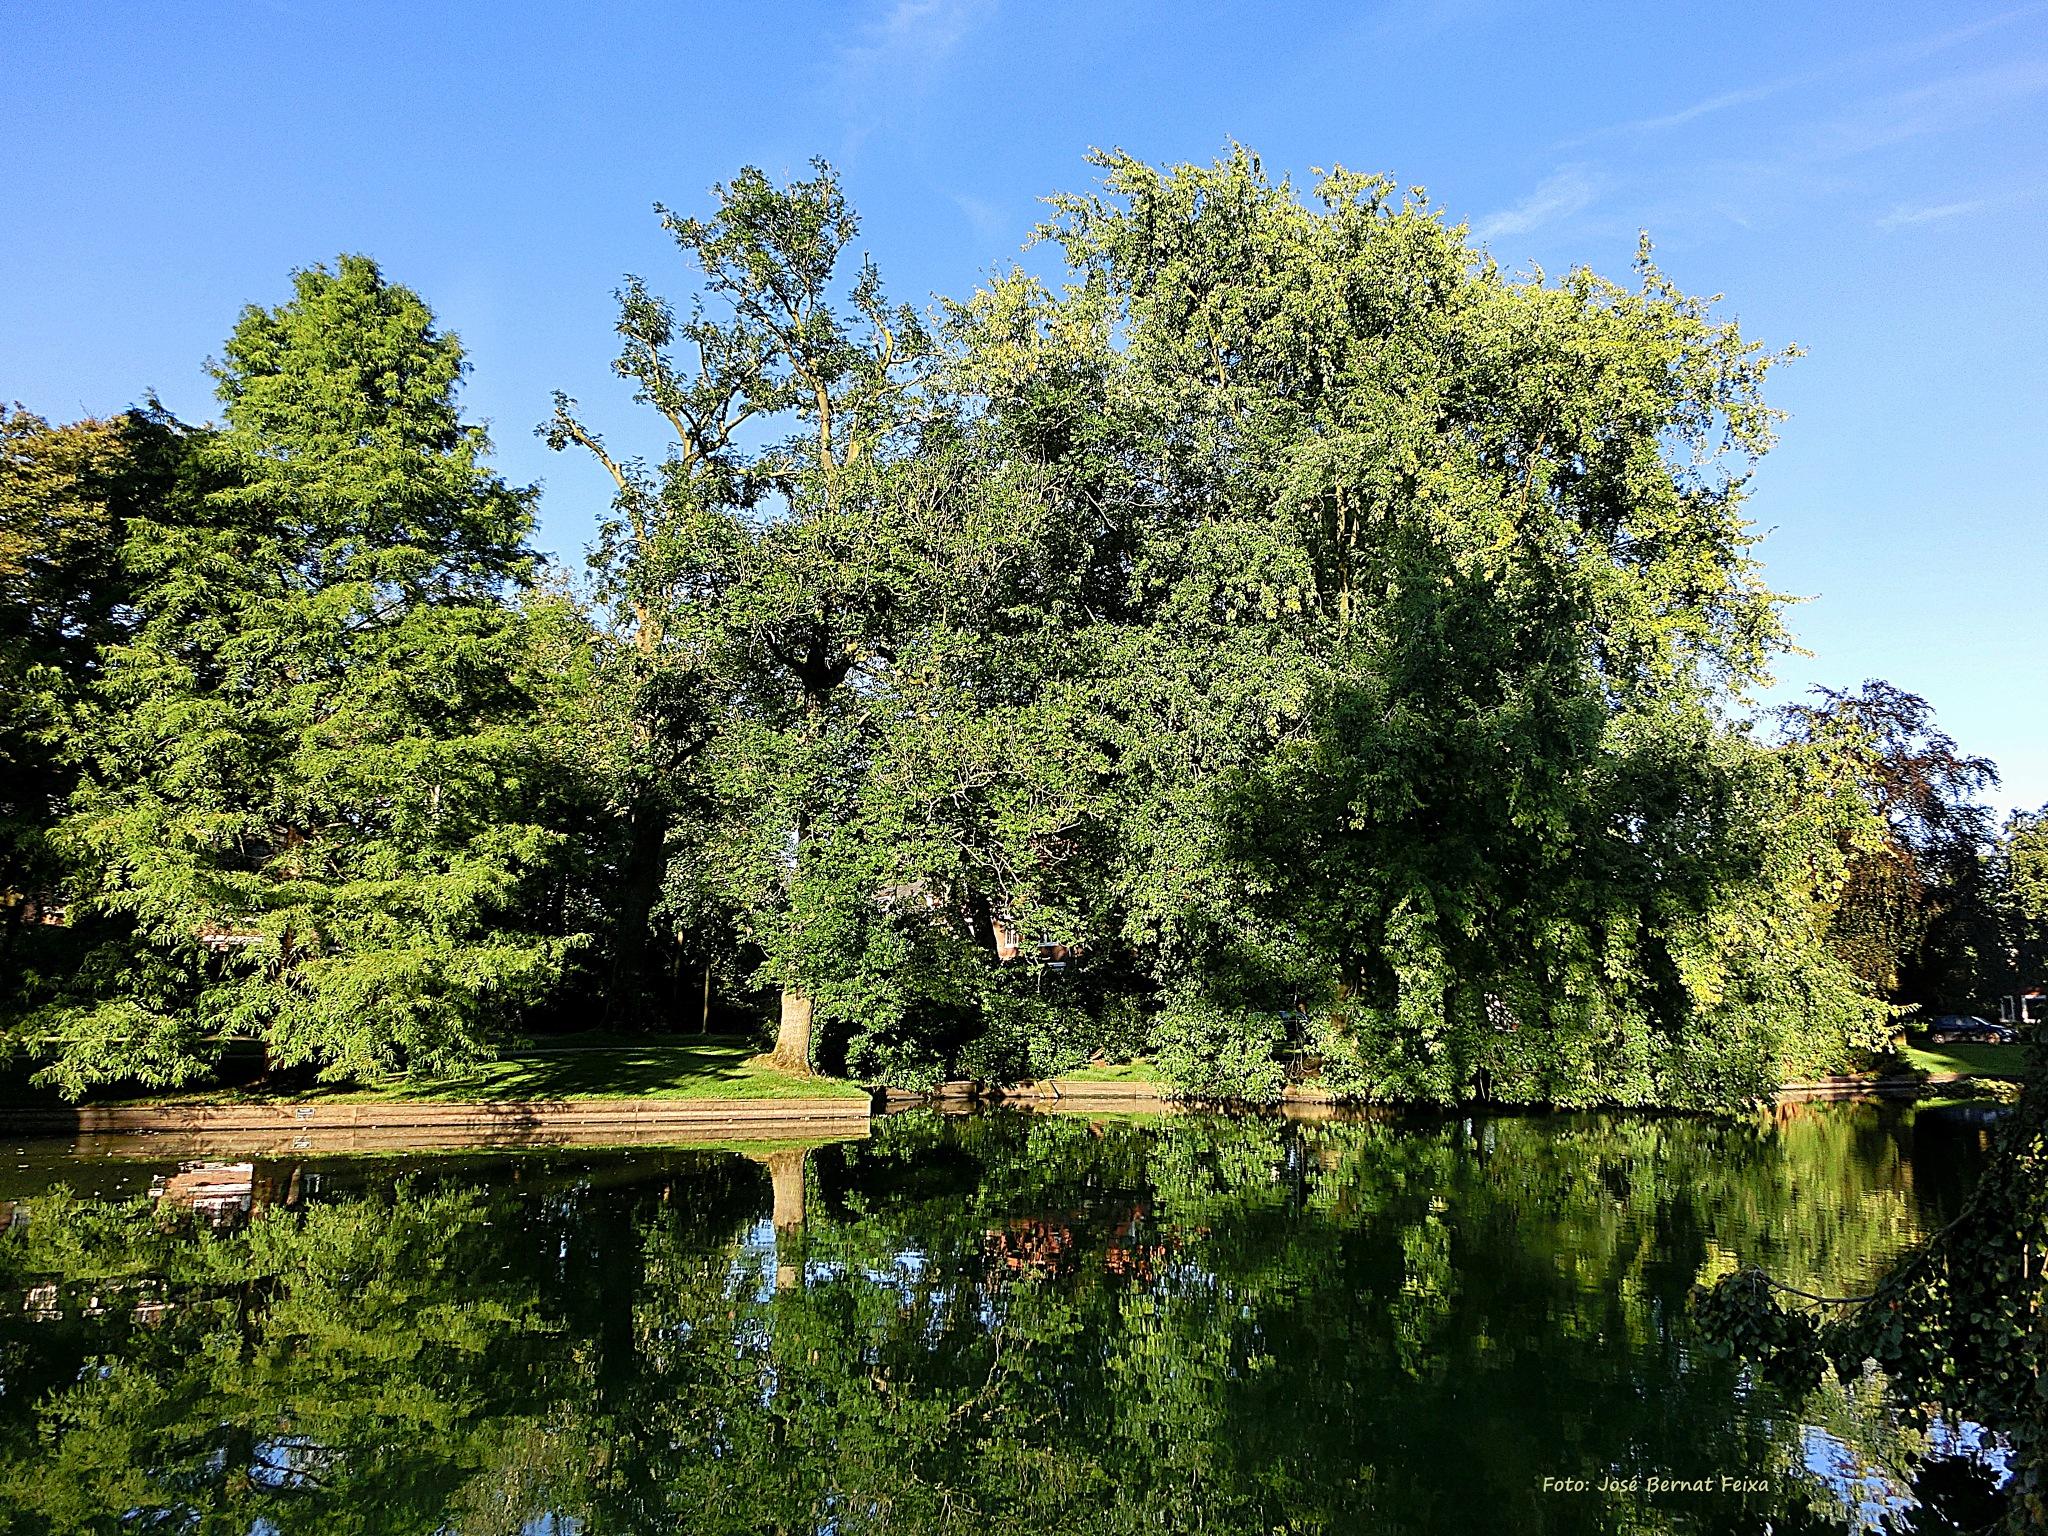 Reflejos de la Naturaleza; Weerspiegeling van de Natuur; Reflection of Nature by José Bernat Feixa